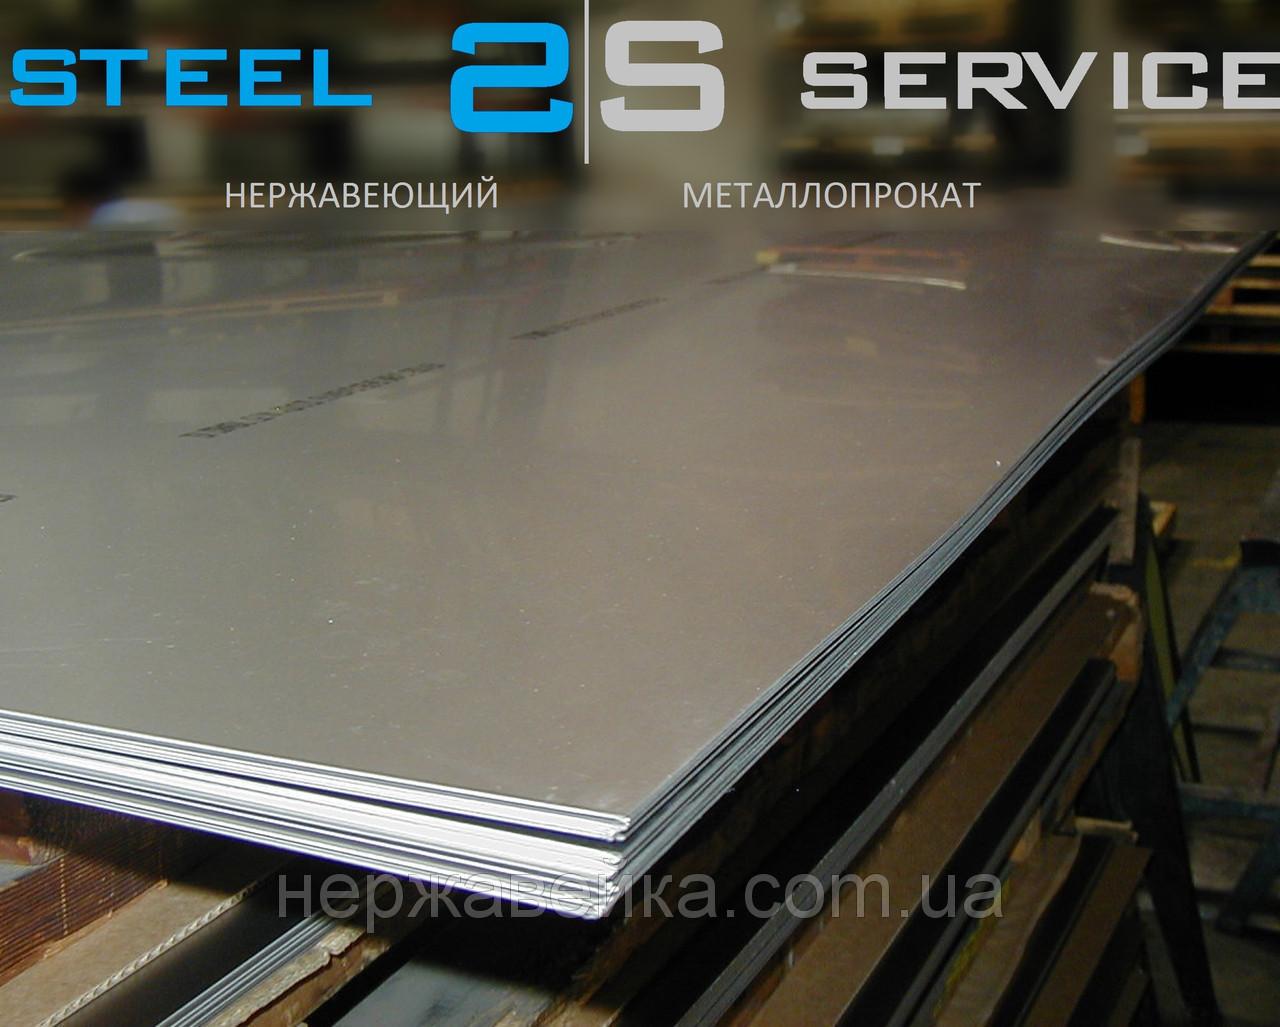 Нержавейка лист 0,5х1000х2000мм AISI 316L(03Х17Н14М3) BA - зеркало,  кислотостойкий